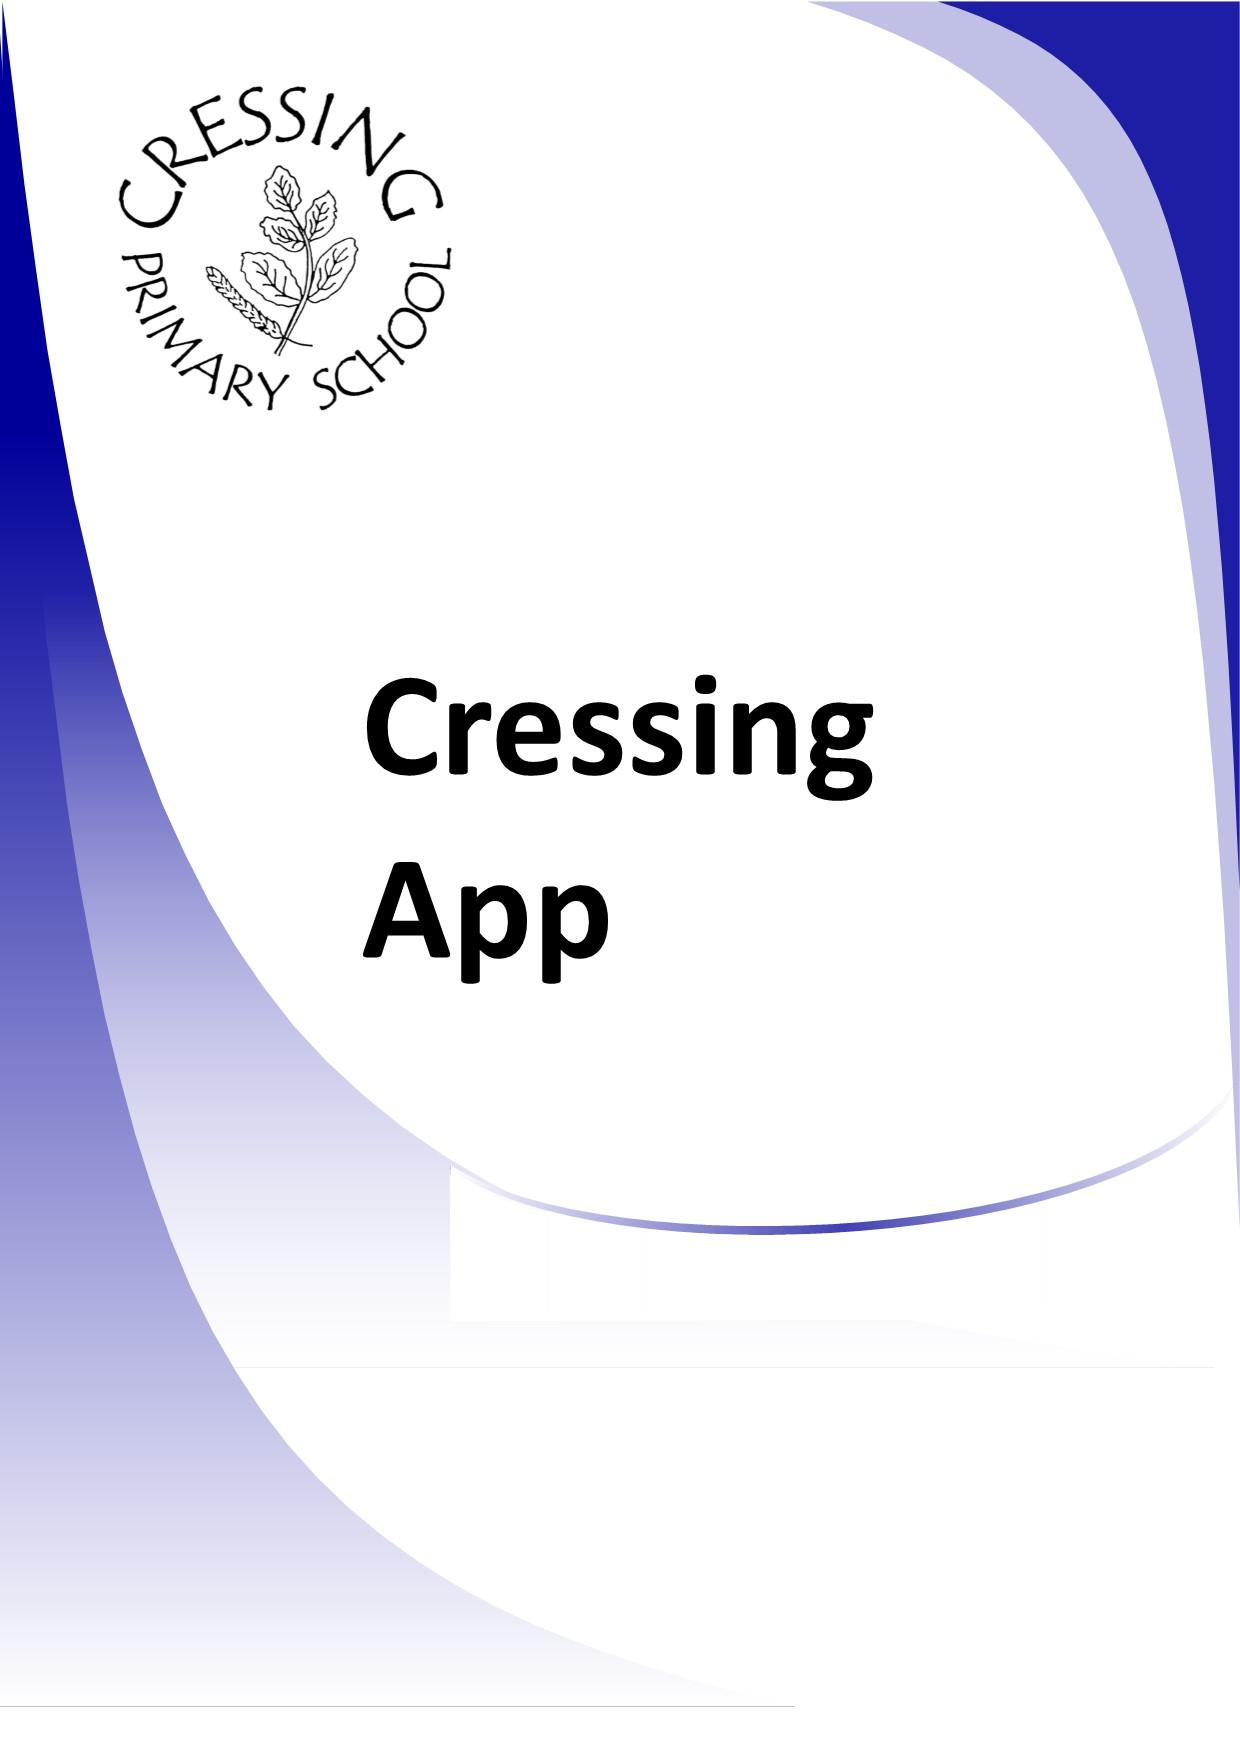 Cressing App